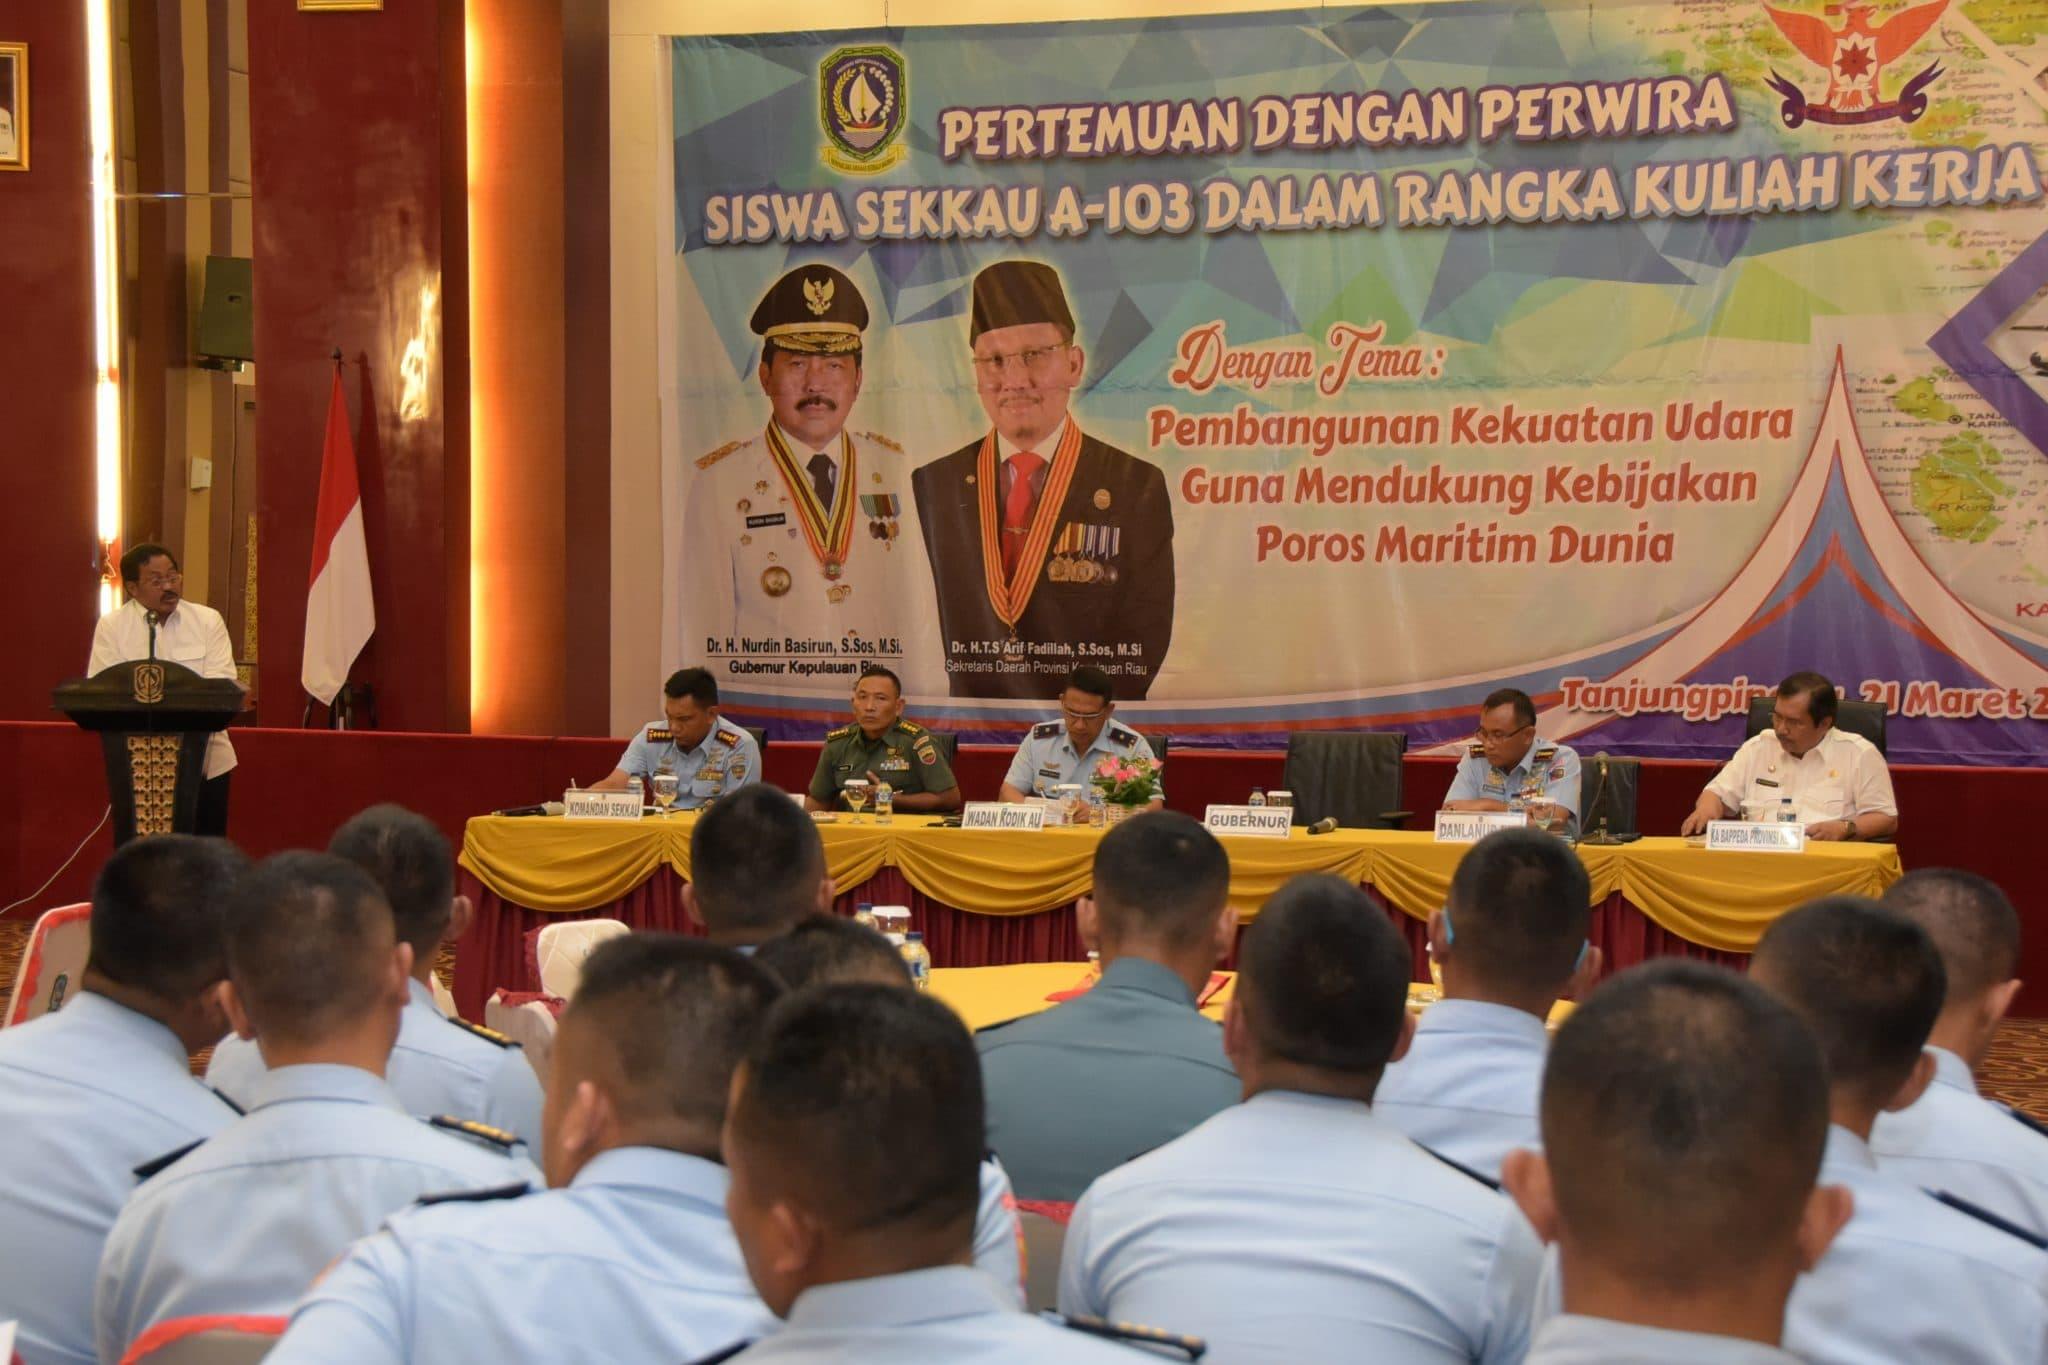 Pasis Sekkau A-103 Melaksanakan Kuliah Kerja di Kepulauan Riau